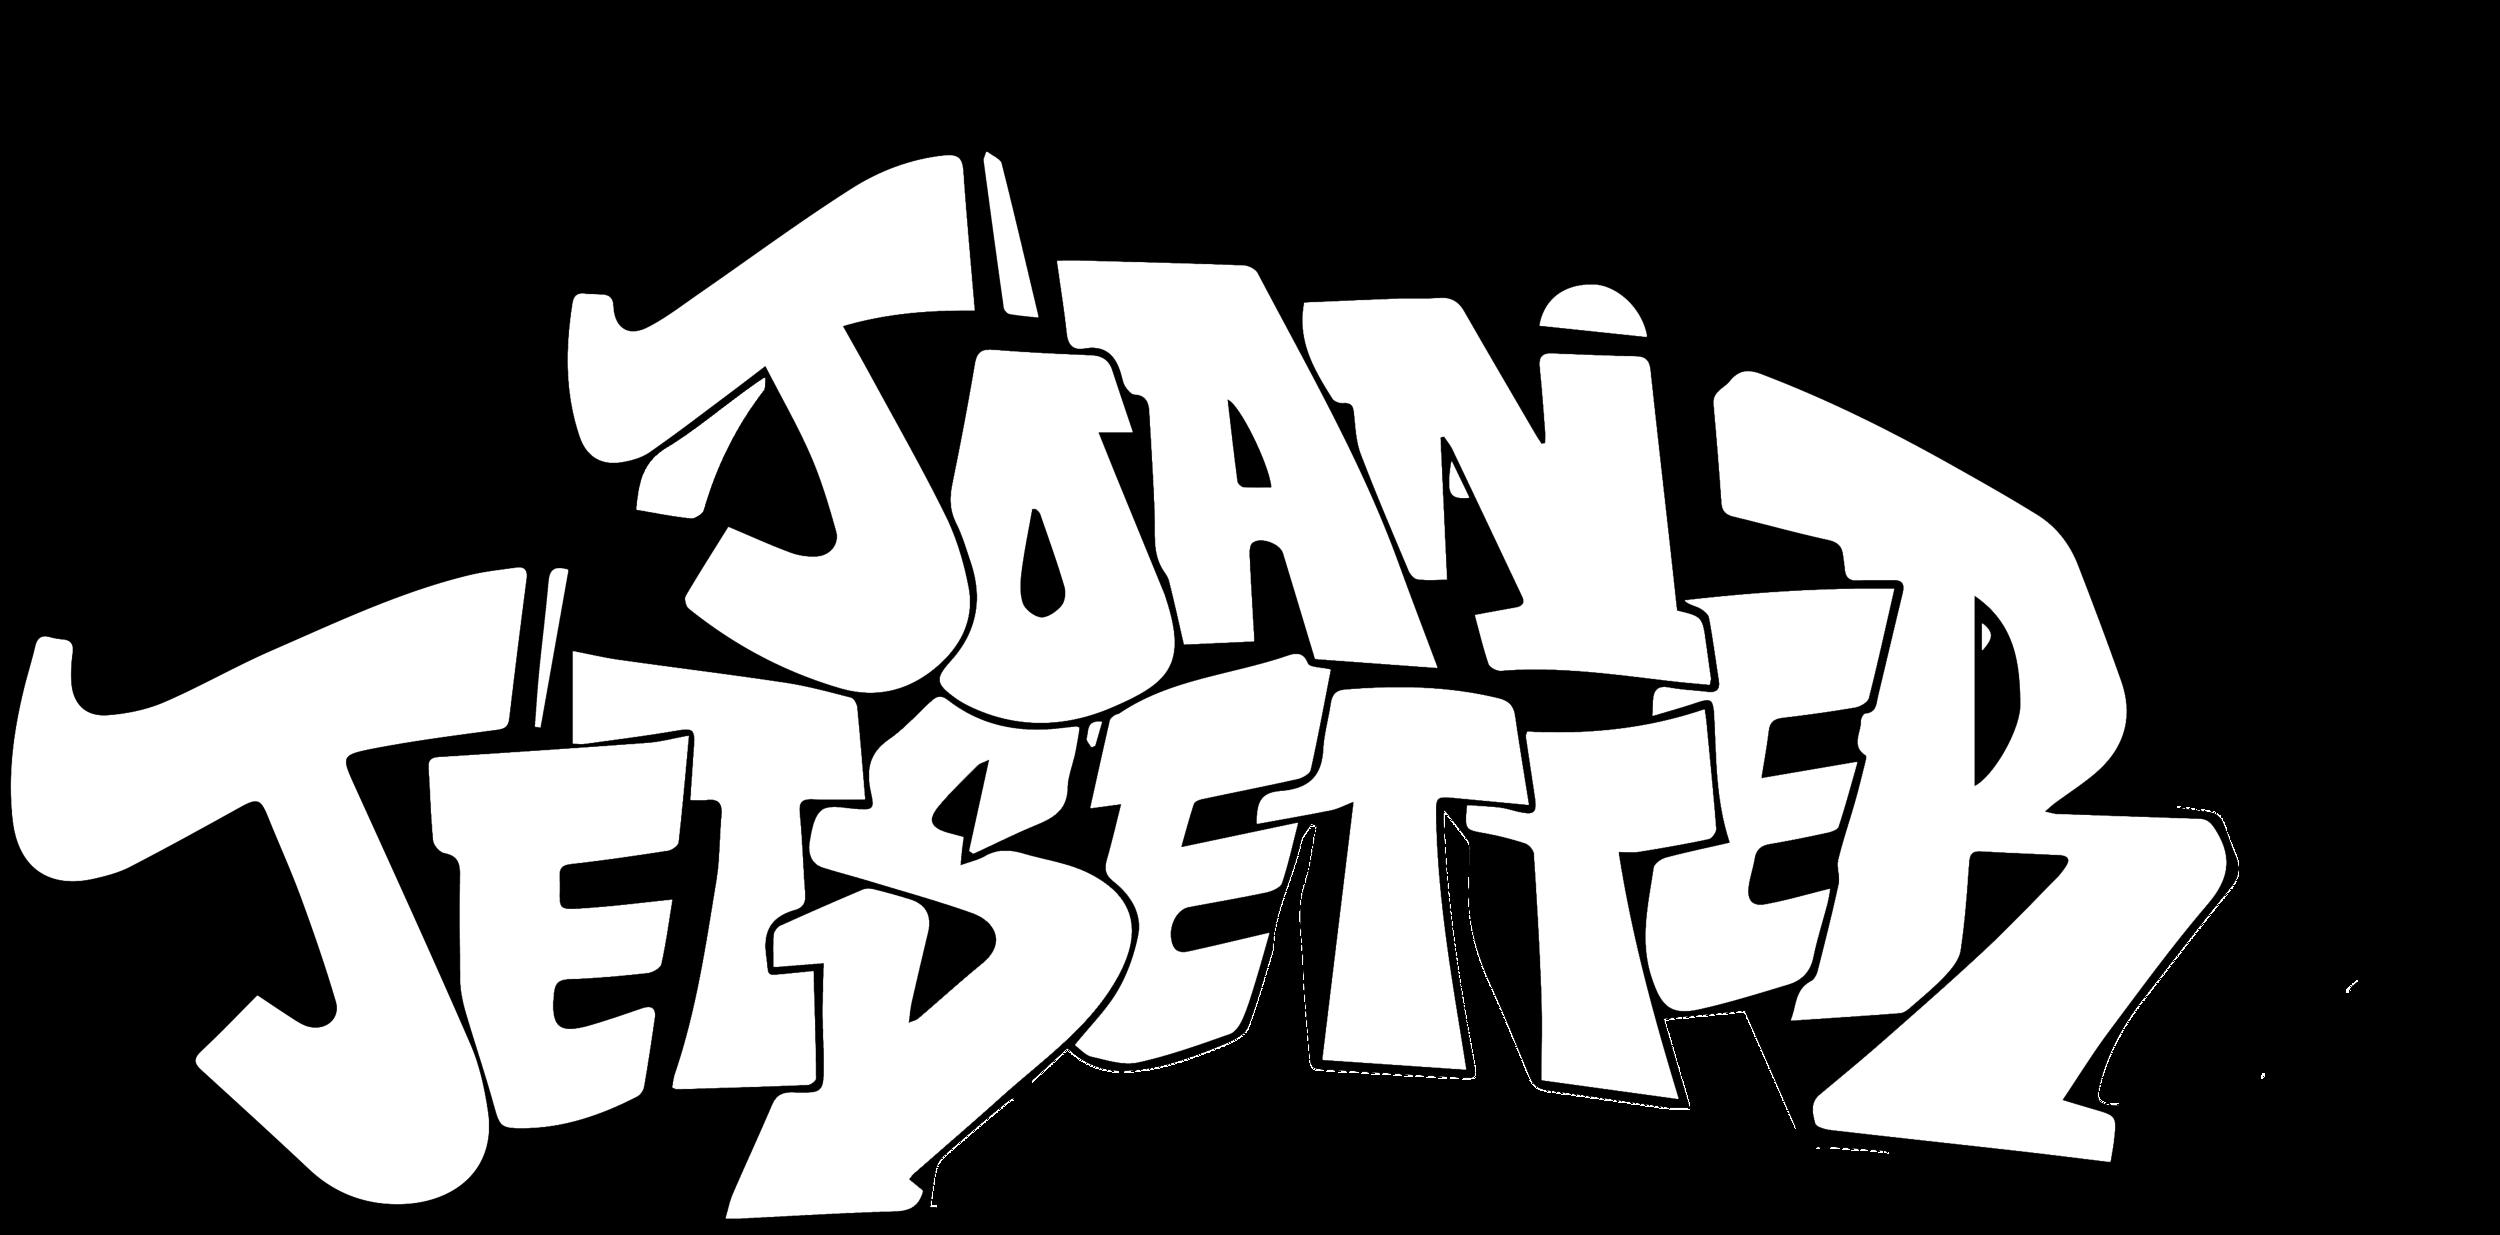 medium resolution of joan jetsetter